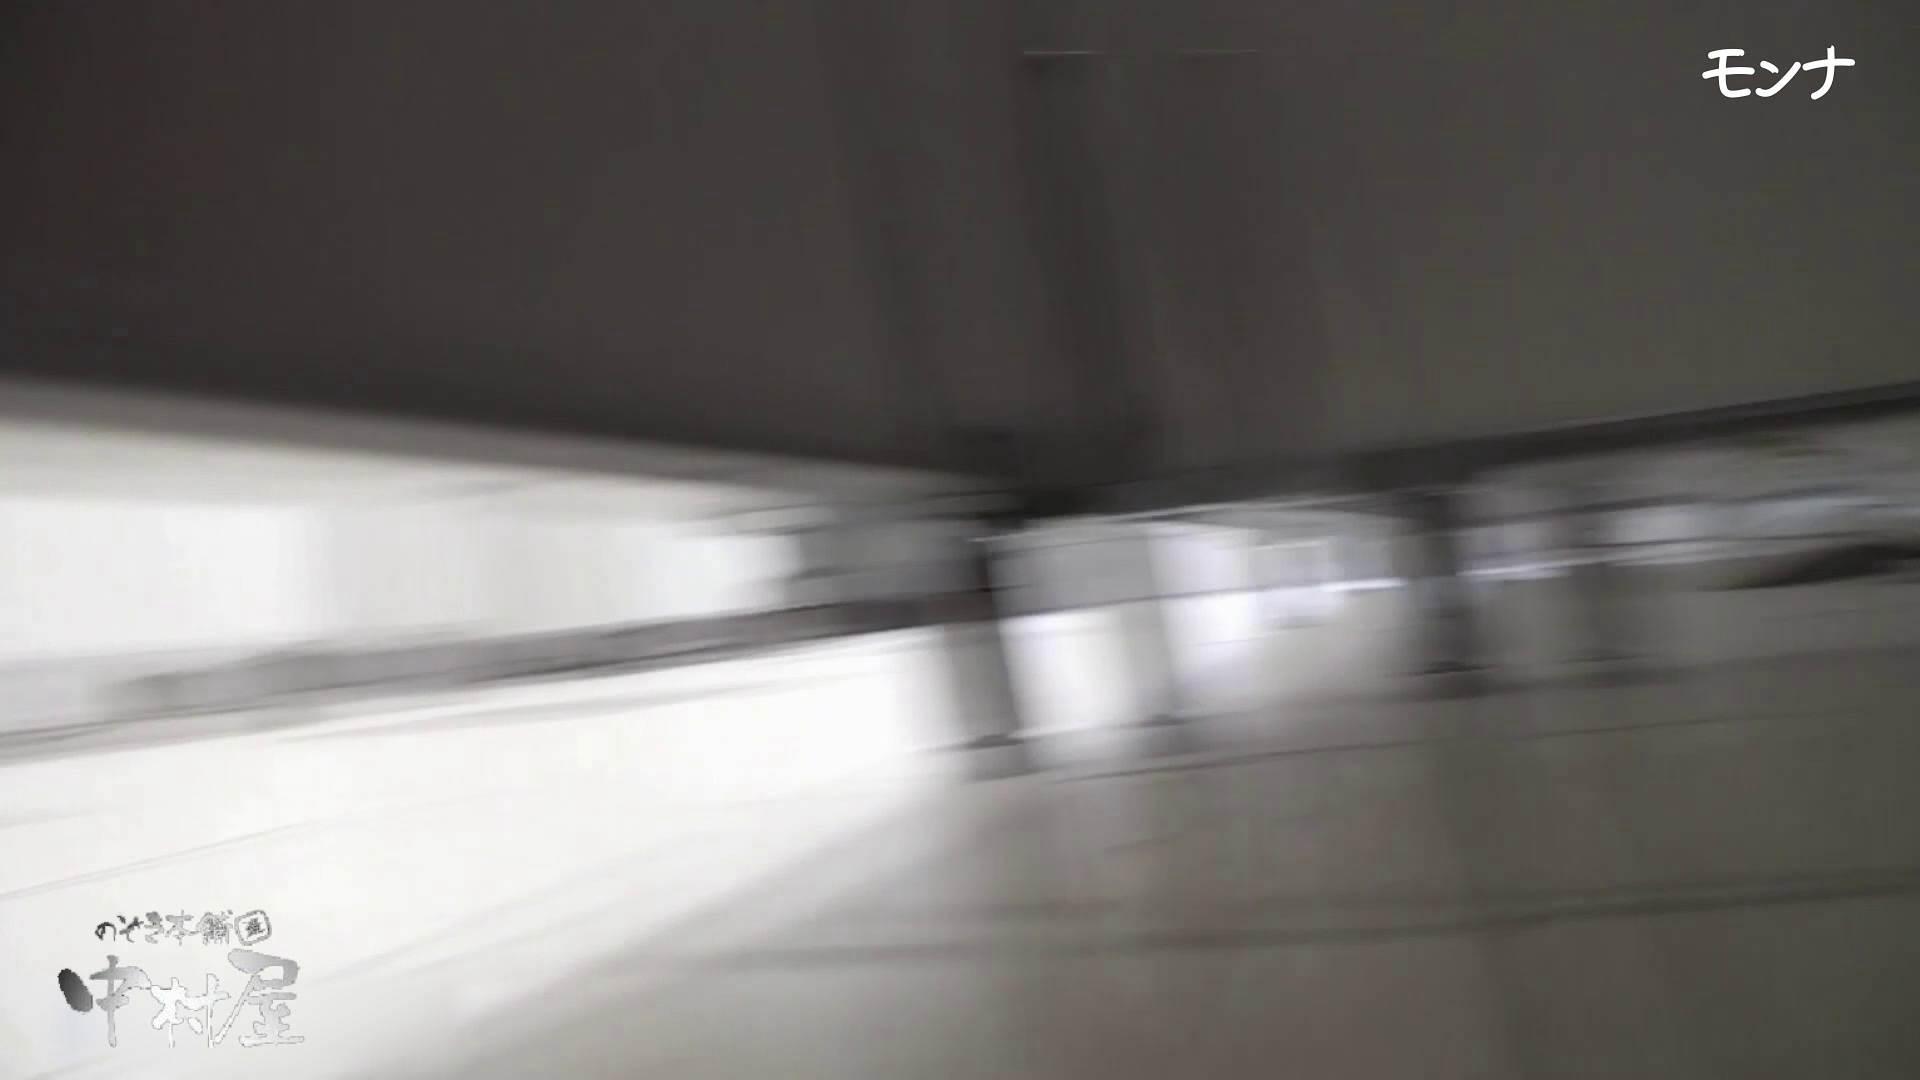 【美しい日本の未来】美しい日本の未来 No.72 絶秒なバックショット バックショット   0  78枚 43